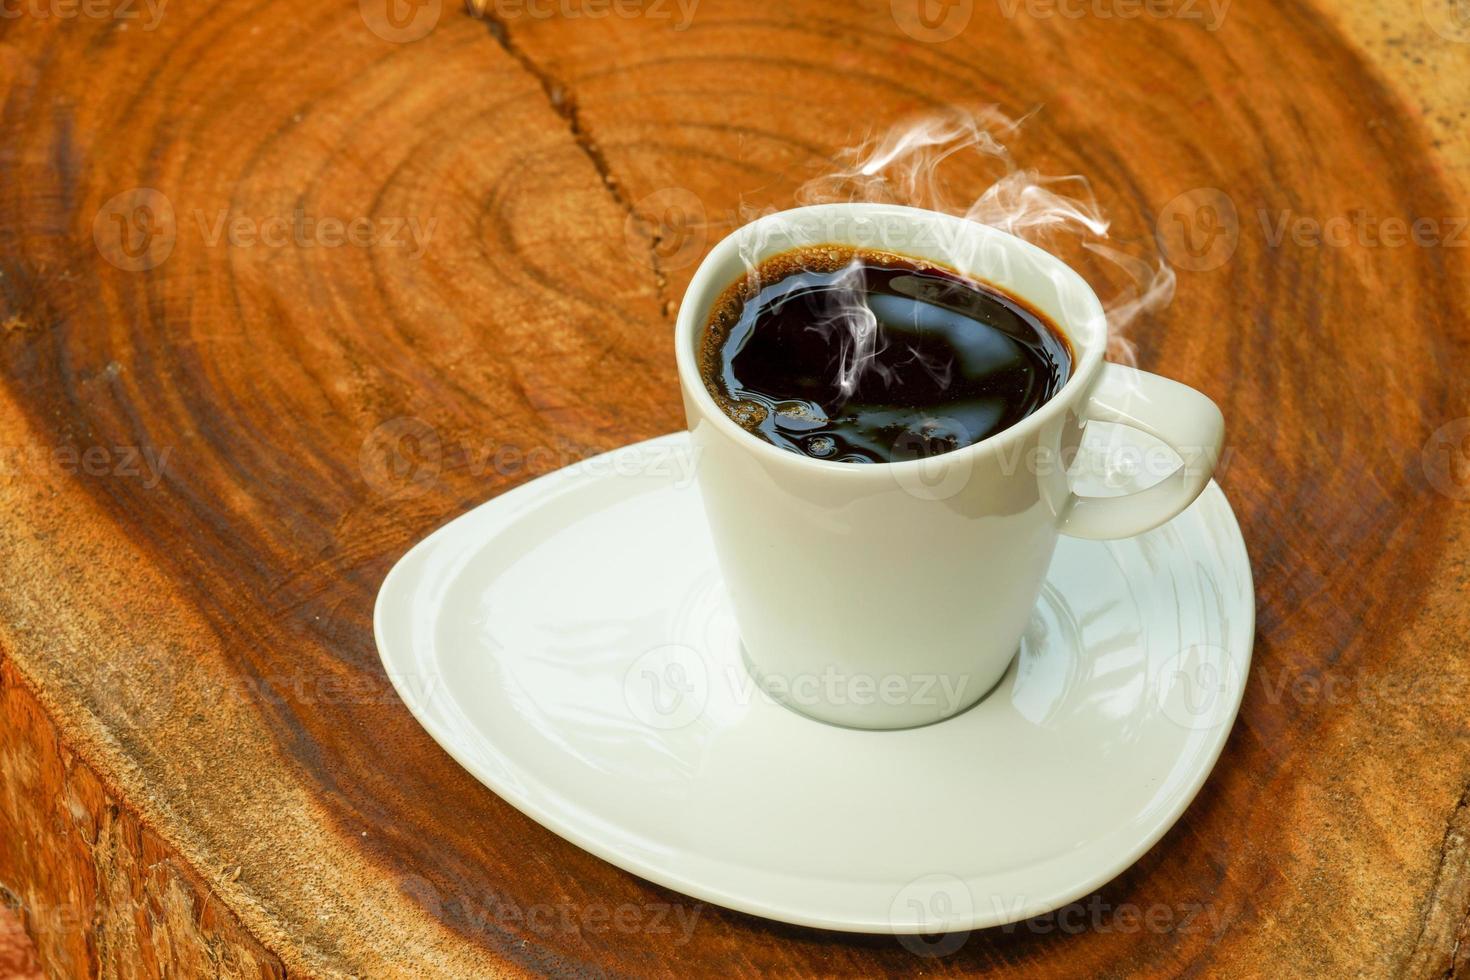 koffiekopje op een houten achtergrond. foto